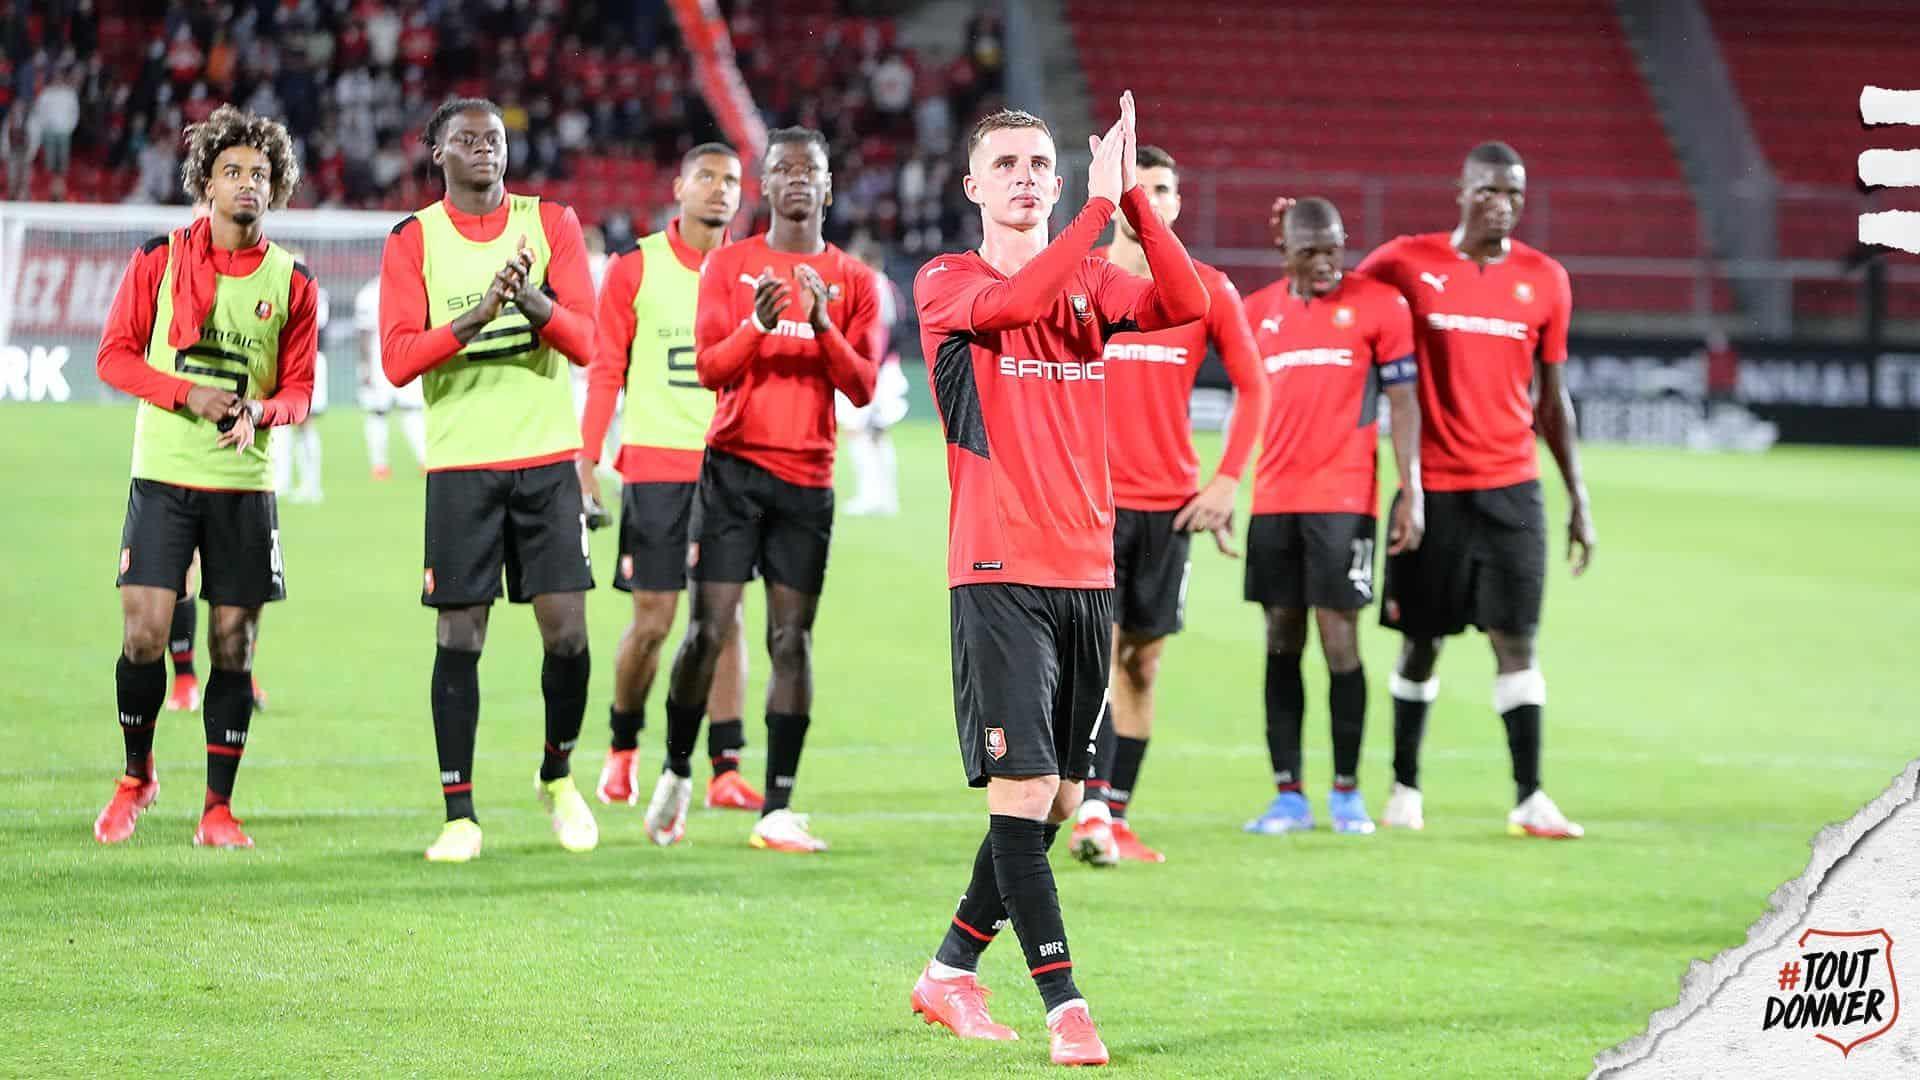 Ponturi pariuri Rennes vs Nantes